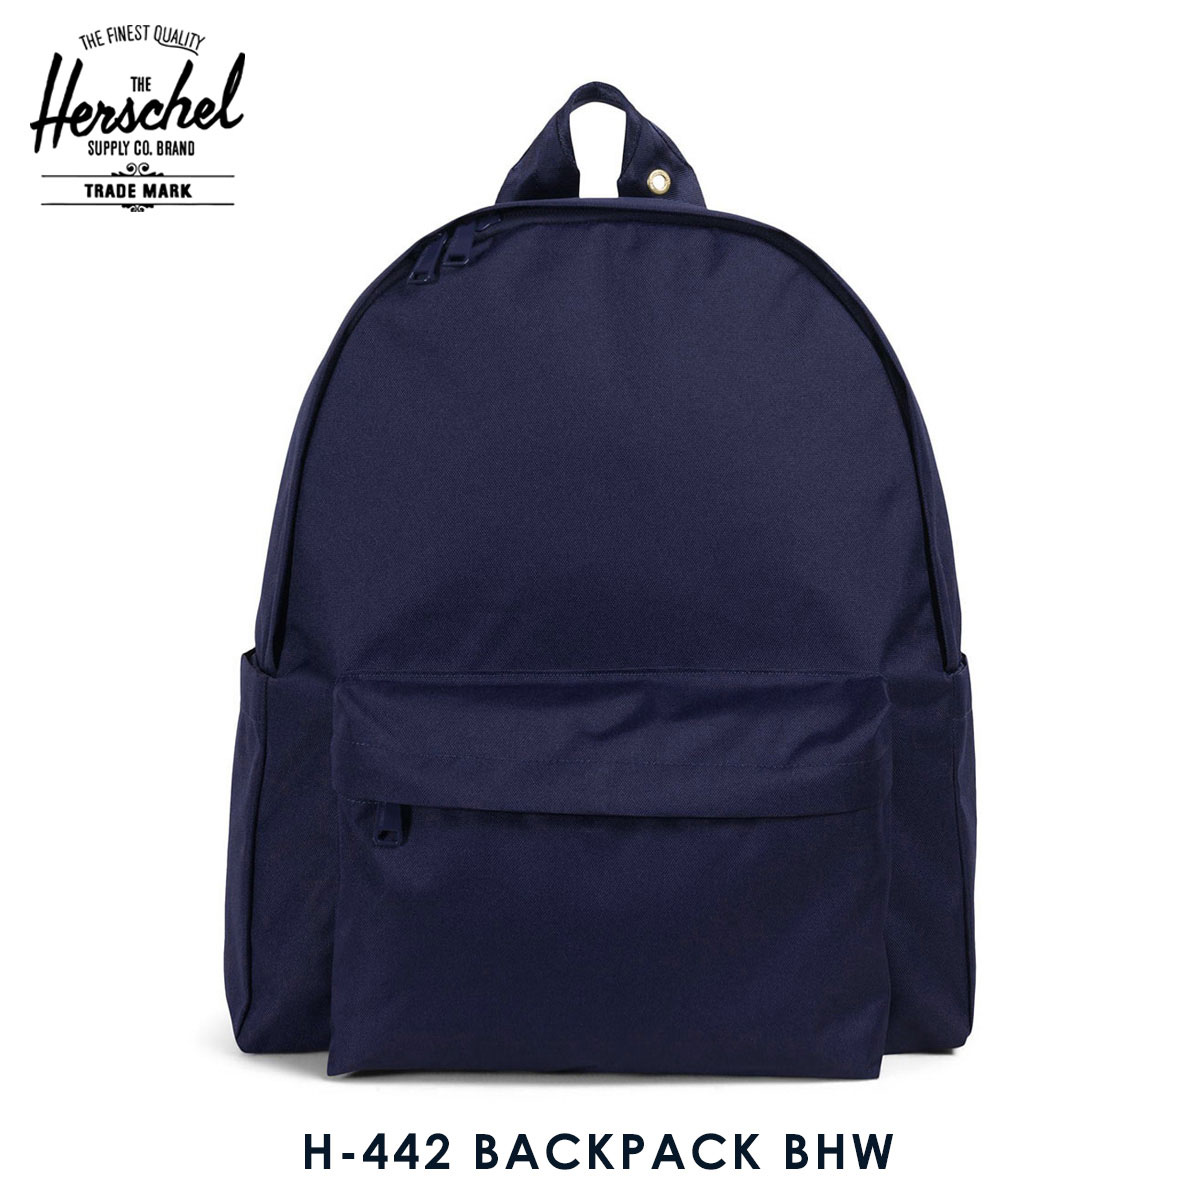 【ポイント10倍 6/4 20:00~6/11 01:59まで】 ハーシェル バックパック 正規販売店 Herschel Supply ハーシェルサラプライ リュックサック バッグ H-442 BACKPACK BHW 10416-01982-OS PEACOAT 父の日